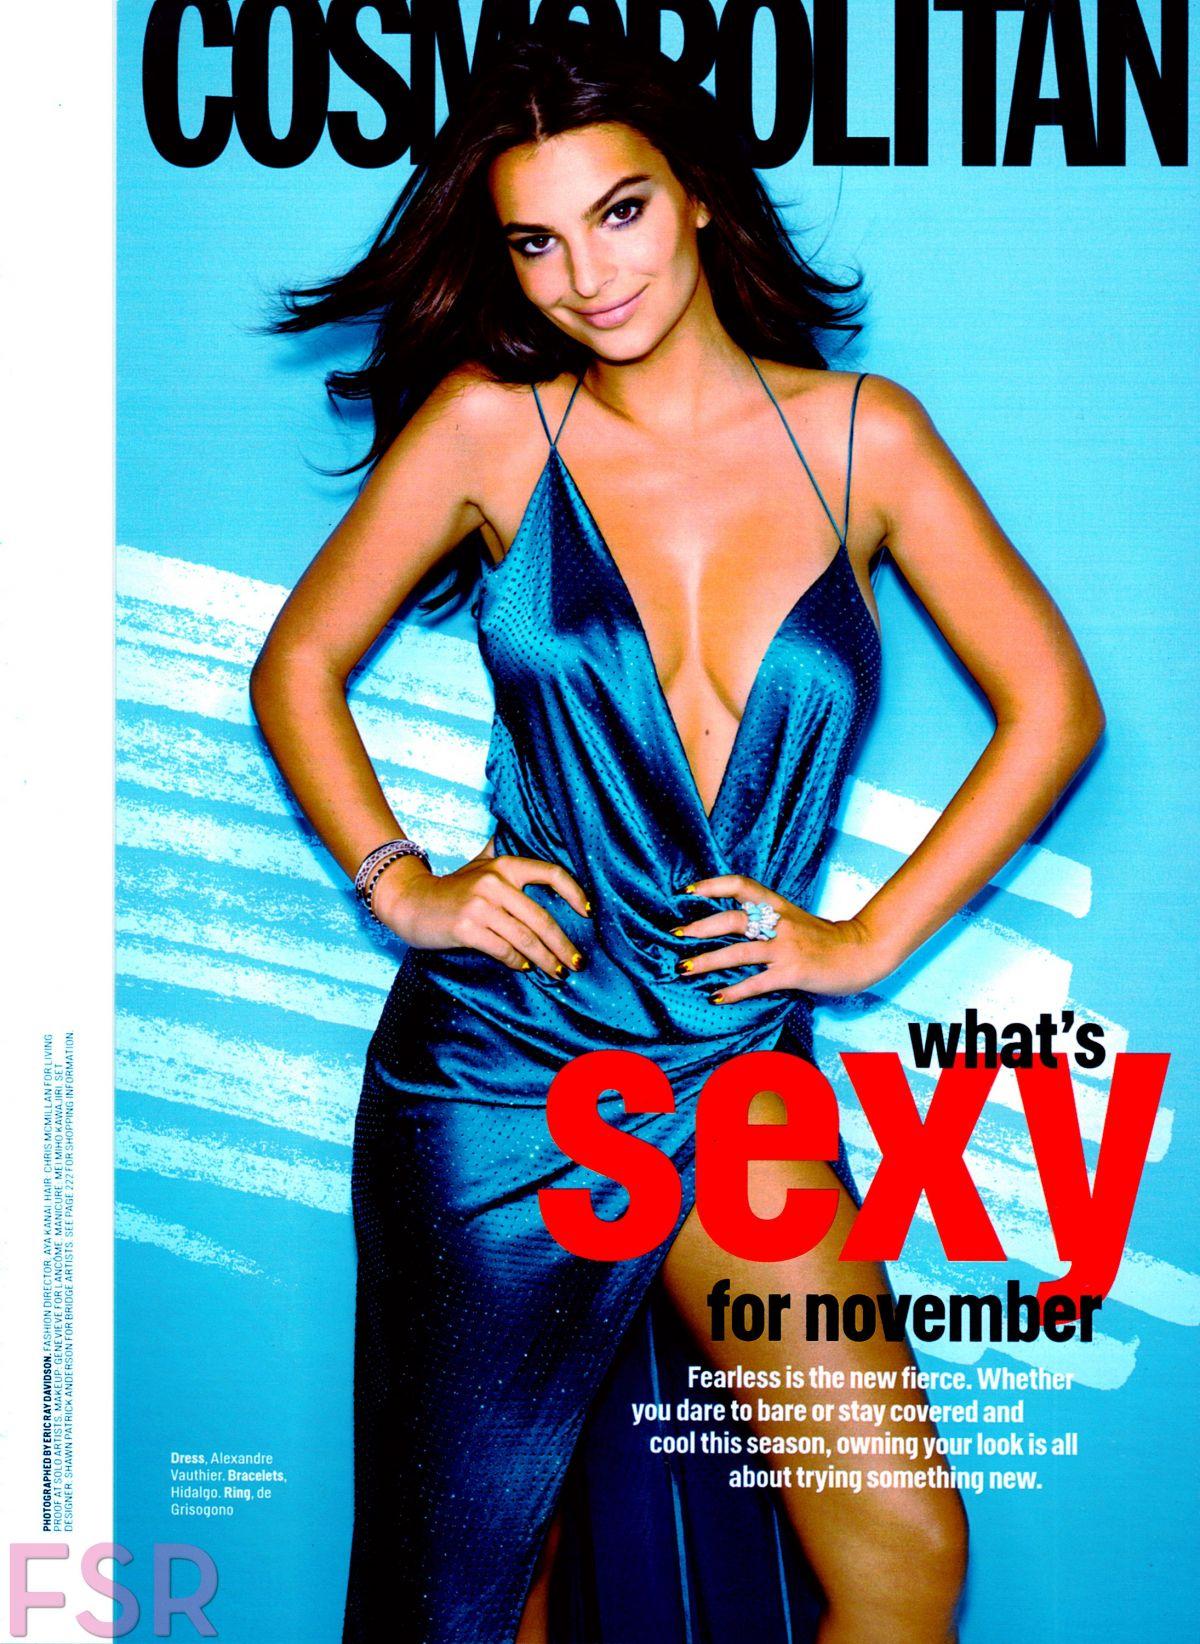 EMILY RATAJKOWSKI In Cosmopolitan Magazine, November 2014